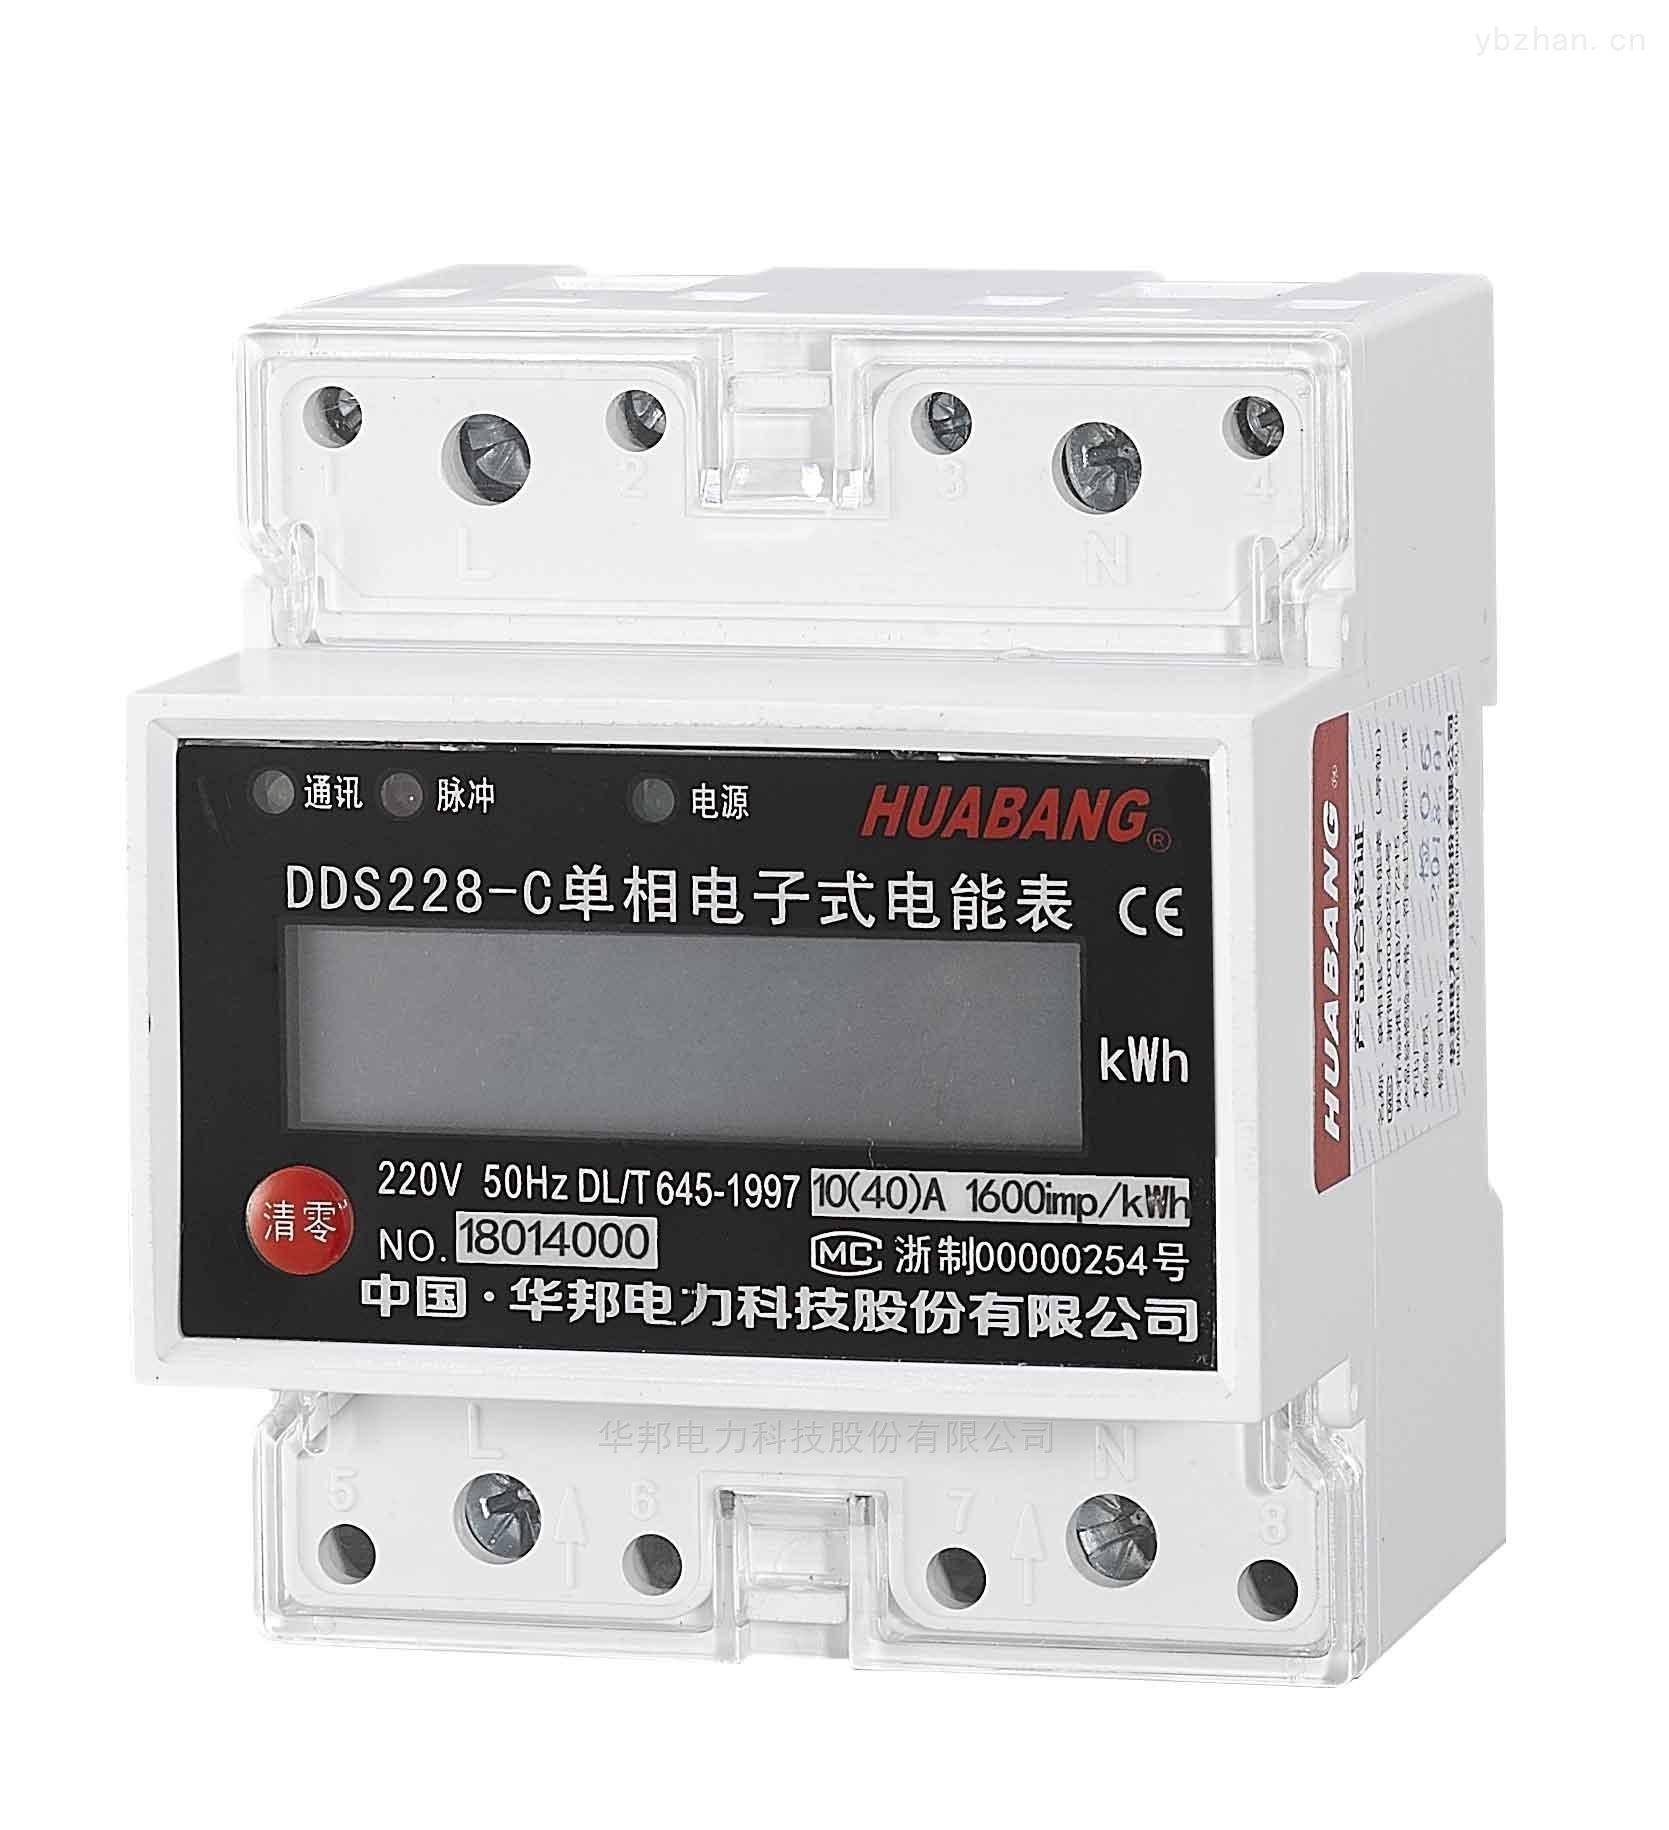 DDSF866-华邦单相导轨式多费率电能表4P